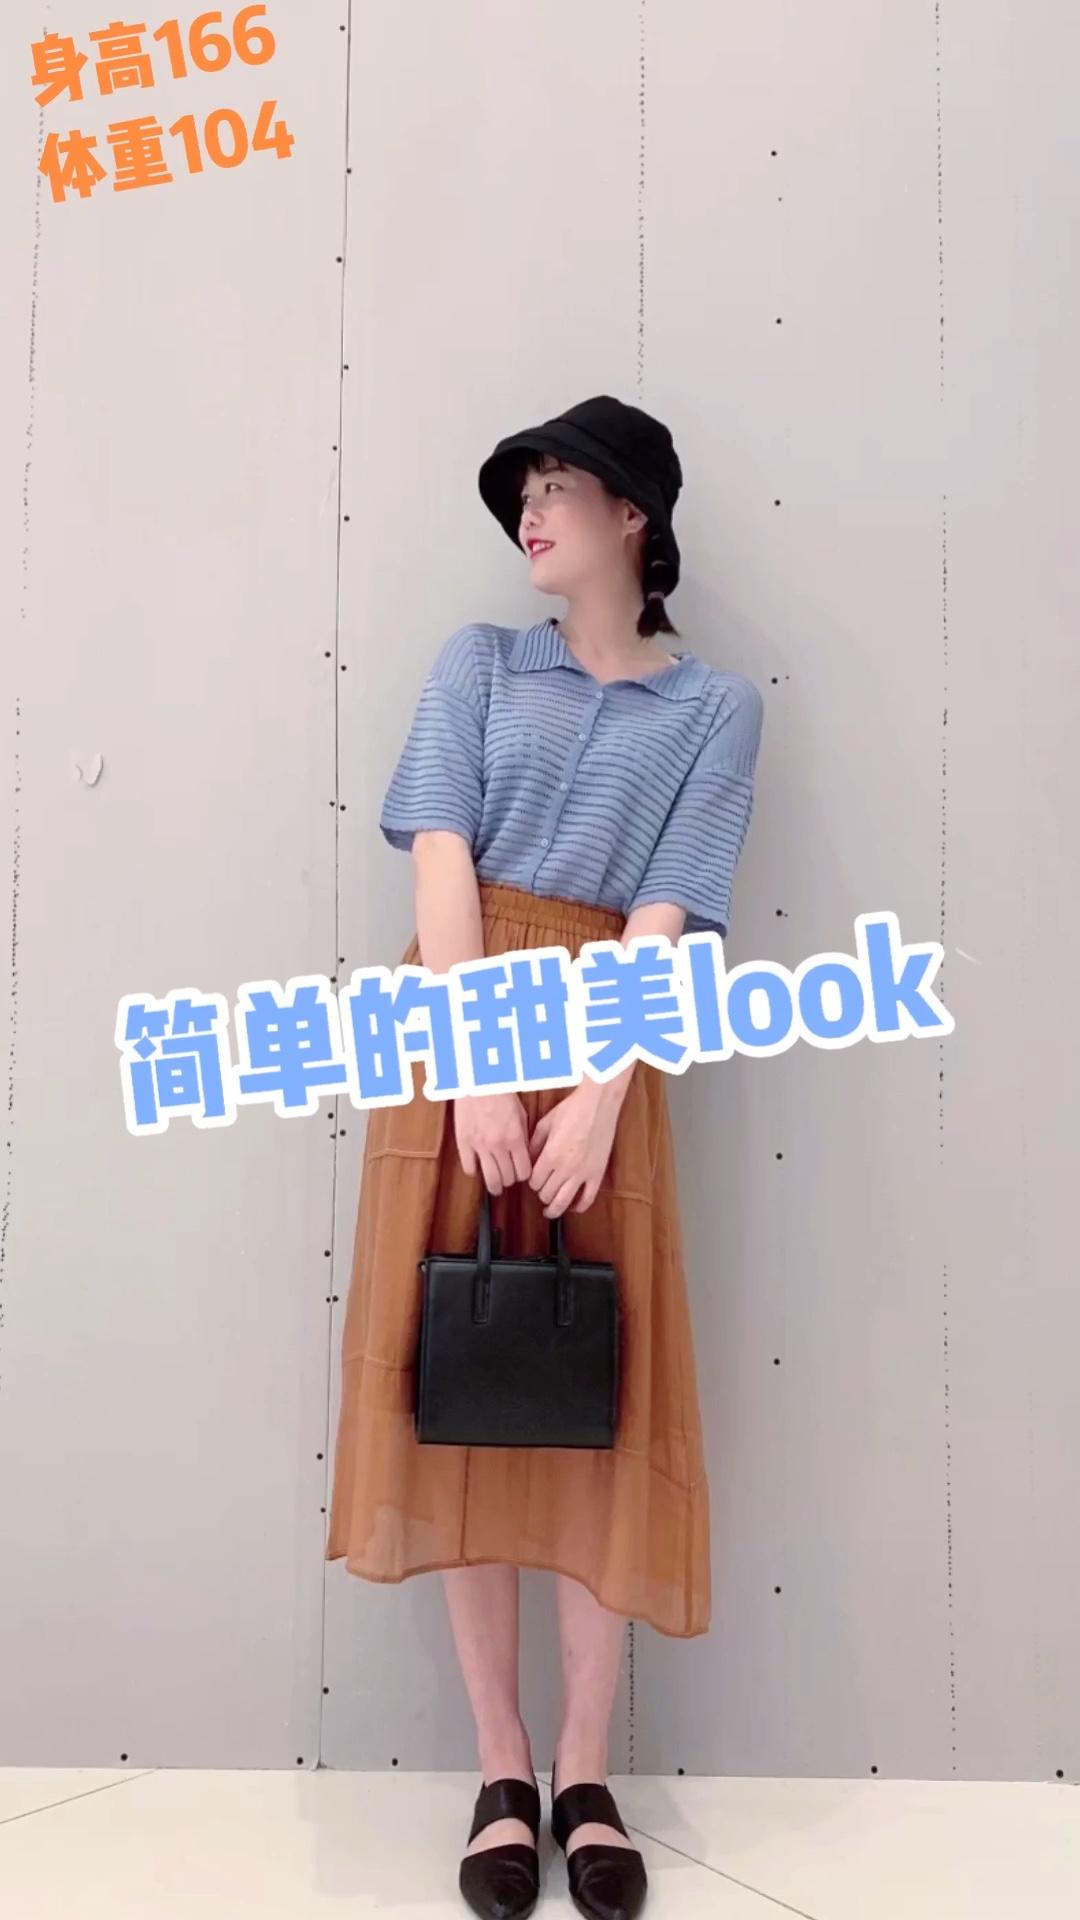 #韩国小姐姐夏天都这么穿!#  针织上衣的领子我很喜欢 很甜! 撞色搭配焦糖色的半裙 半裙的面料无敌的舒服 跟挂空挡似的哈哈哈哈 鞋子包包还有帽子互相呼应使得整体看起来比较舒服